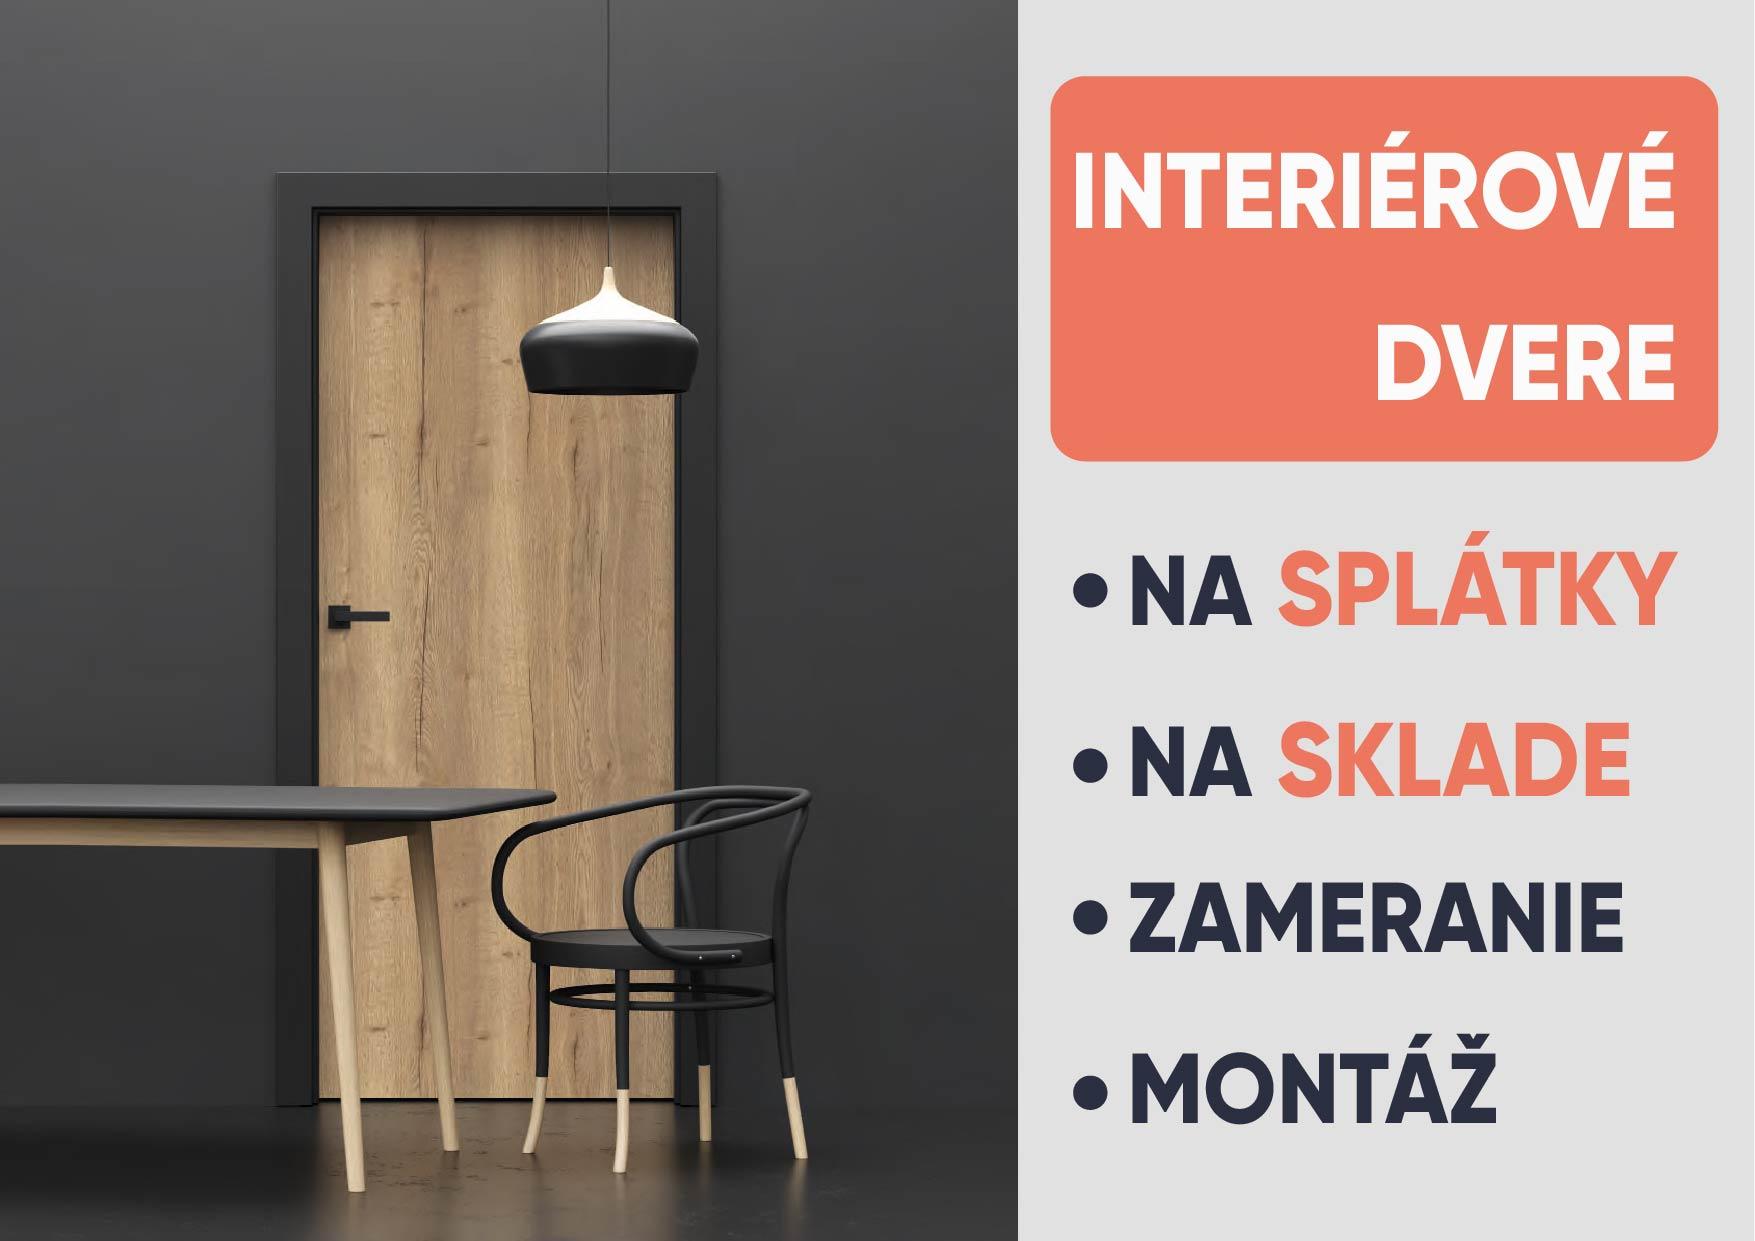 Info interiérové dvere